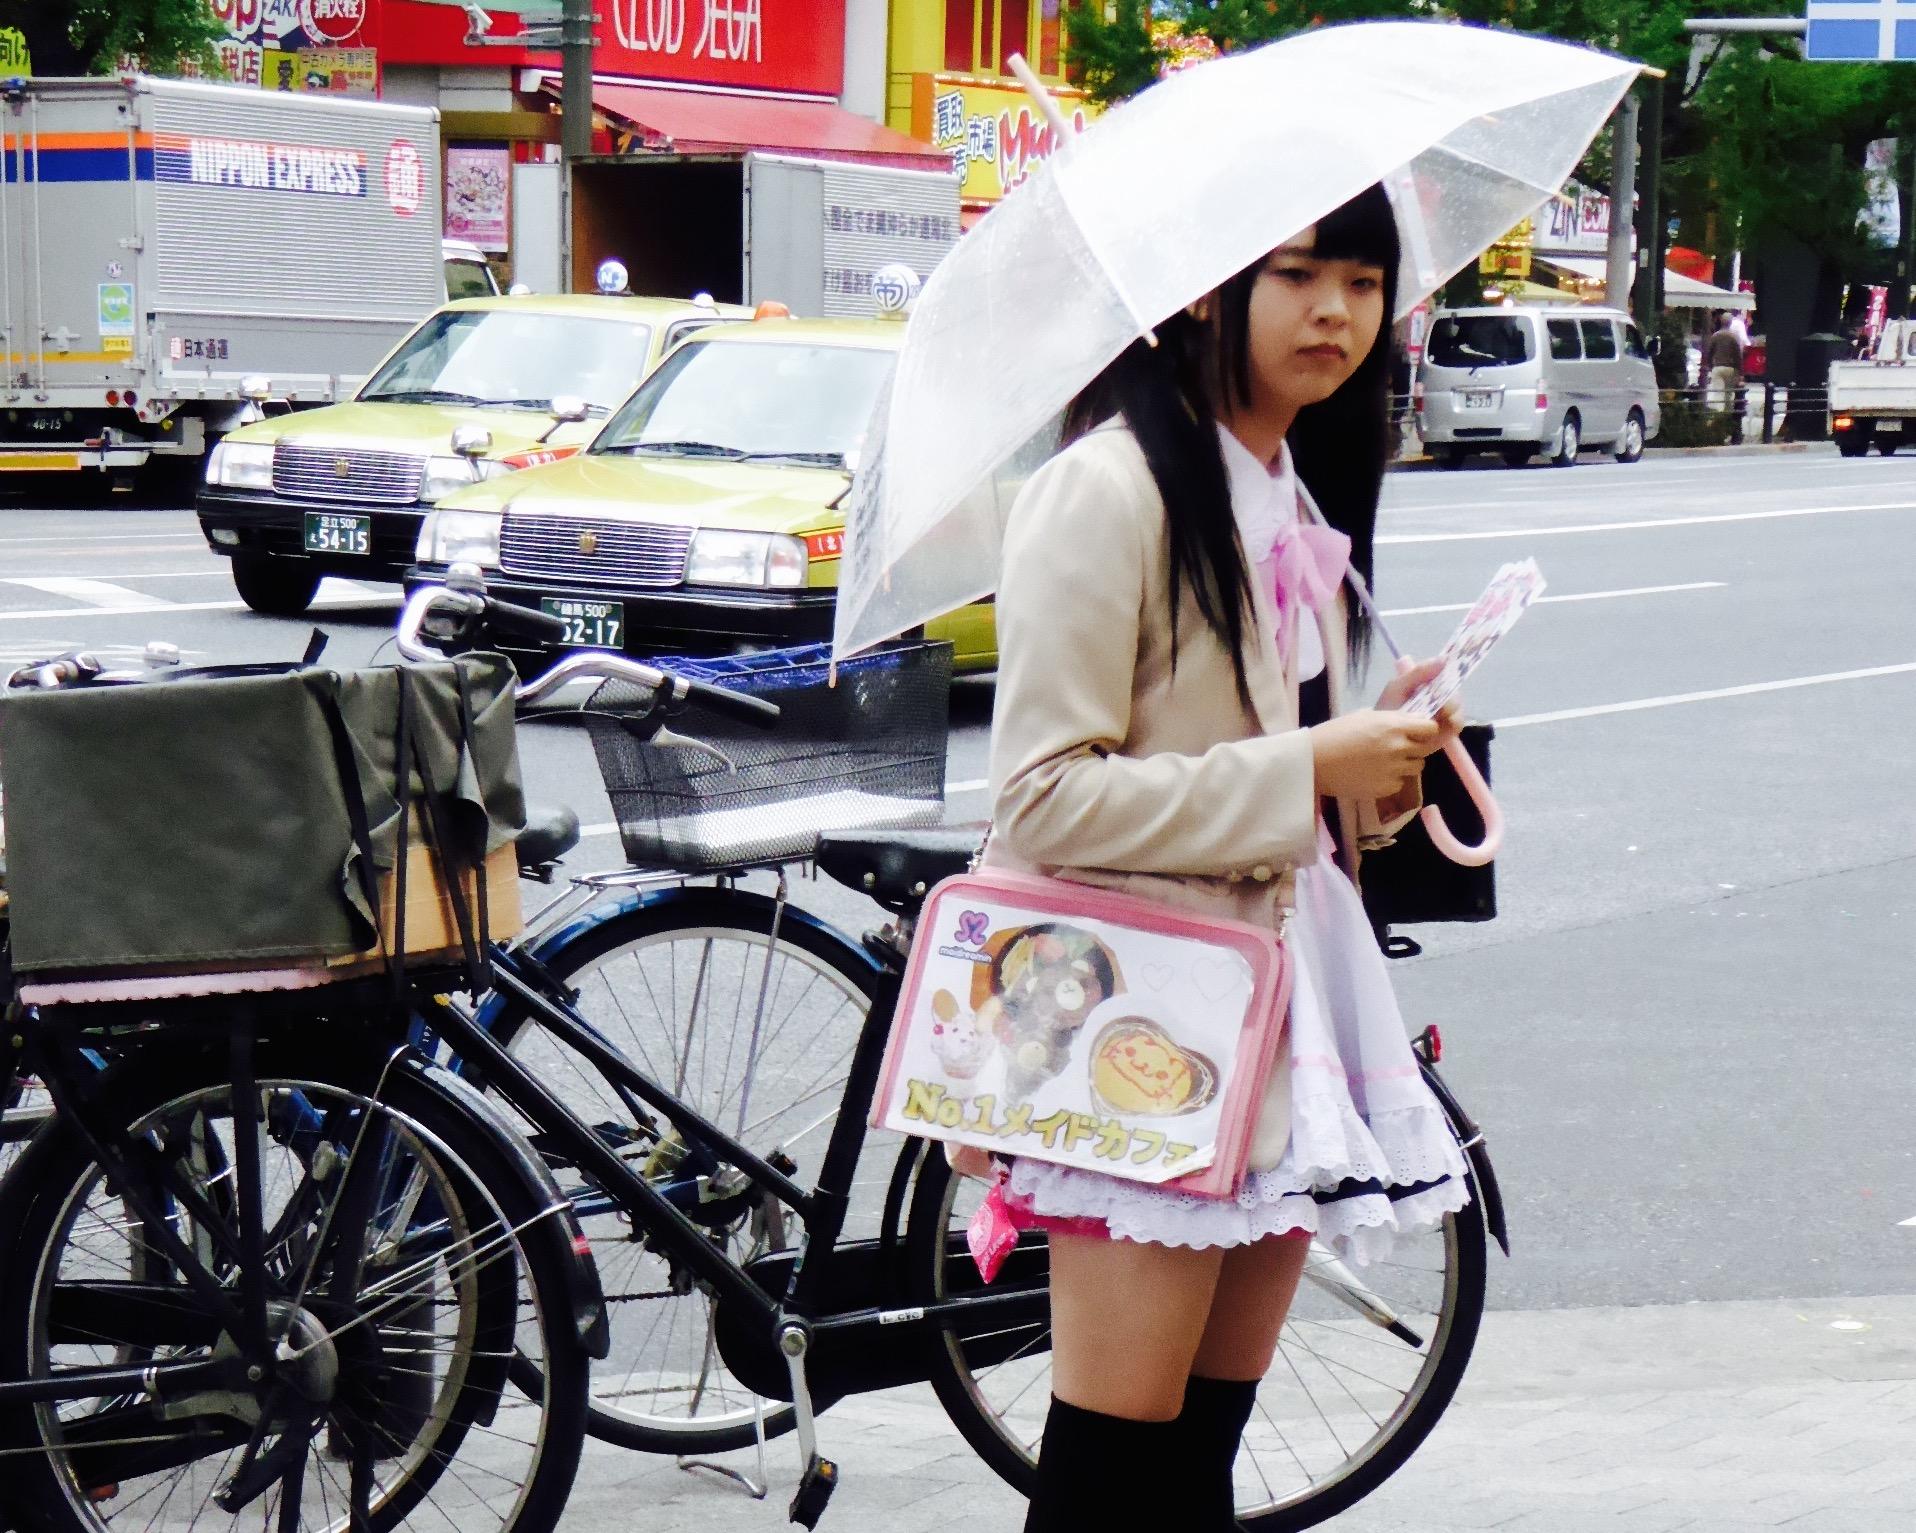 J'ai accompagné Elodie assister au concert d'un groupe d'Idoles à Shibuya. Les Idoles sont de jeunes artistes au physique plutôt avantageux recrutés à l'adolescence par des maisons de disques. Ils ont de multiples casquettes : ils chantent, dansent, animent ou ont décroché des contrats de modèles. Lors de cette soirée, plusieurs groupes se sont succédés sur scène. J'ai vu passer un groupe de cinq Gothic Lolita, trois écolières jouant la carte du Kawaii et trois nanas dont le thème du groupe est celui des pizzas. Imaginez un peu, l'une d'elle porte comme sobriquet : Pepperoni ! Sur la piste, les hommes et garçons se déchaînaient avec plus ou moins de conviction selon le groupe : des otakus. Le groupe favori d'Elodie s'appelle Chubbiness. Sur scène, elles sont dix de toutes tailles et morphologies. Chubbiness revendique le droit pour les jeunes de se sentir bien dans son corps et de trouver un équilibre entre vie saine et excès. Chaque membre du groupe est identifié par une couleur distincte et chacune semble avoir un rôle bien défini : le chant, la danse ou encore l'animation du public entre deux morceaux. A la fin de leur concert, nous avons regagné le bar où une file attendait devant le stand des Chubbiness pour acheter câlins, photos et moments de discussion privilégiés avec les groupe. Elodie m'a jeté un regard contrit avant de me dire : « bon allez, je vais faire ma groupie ! ». Je l'ai regardé s'éloigner dans la foule et aborder la Chubbiness verte.